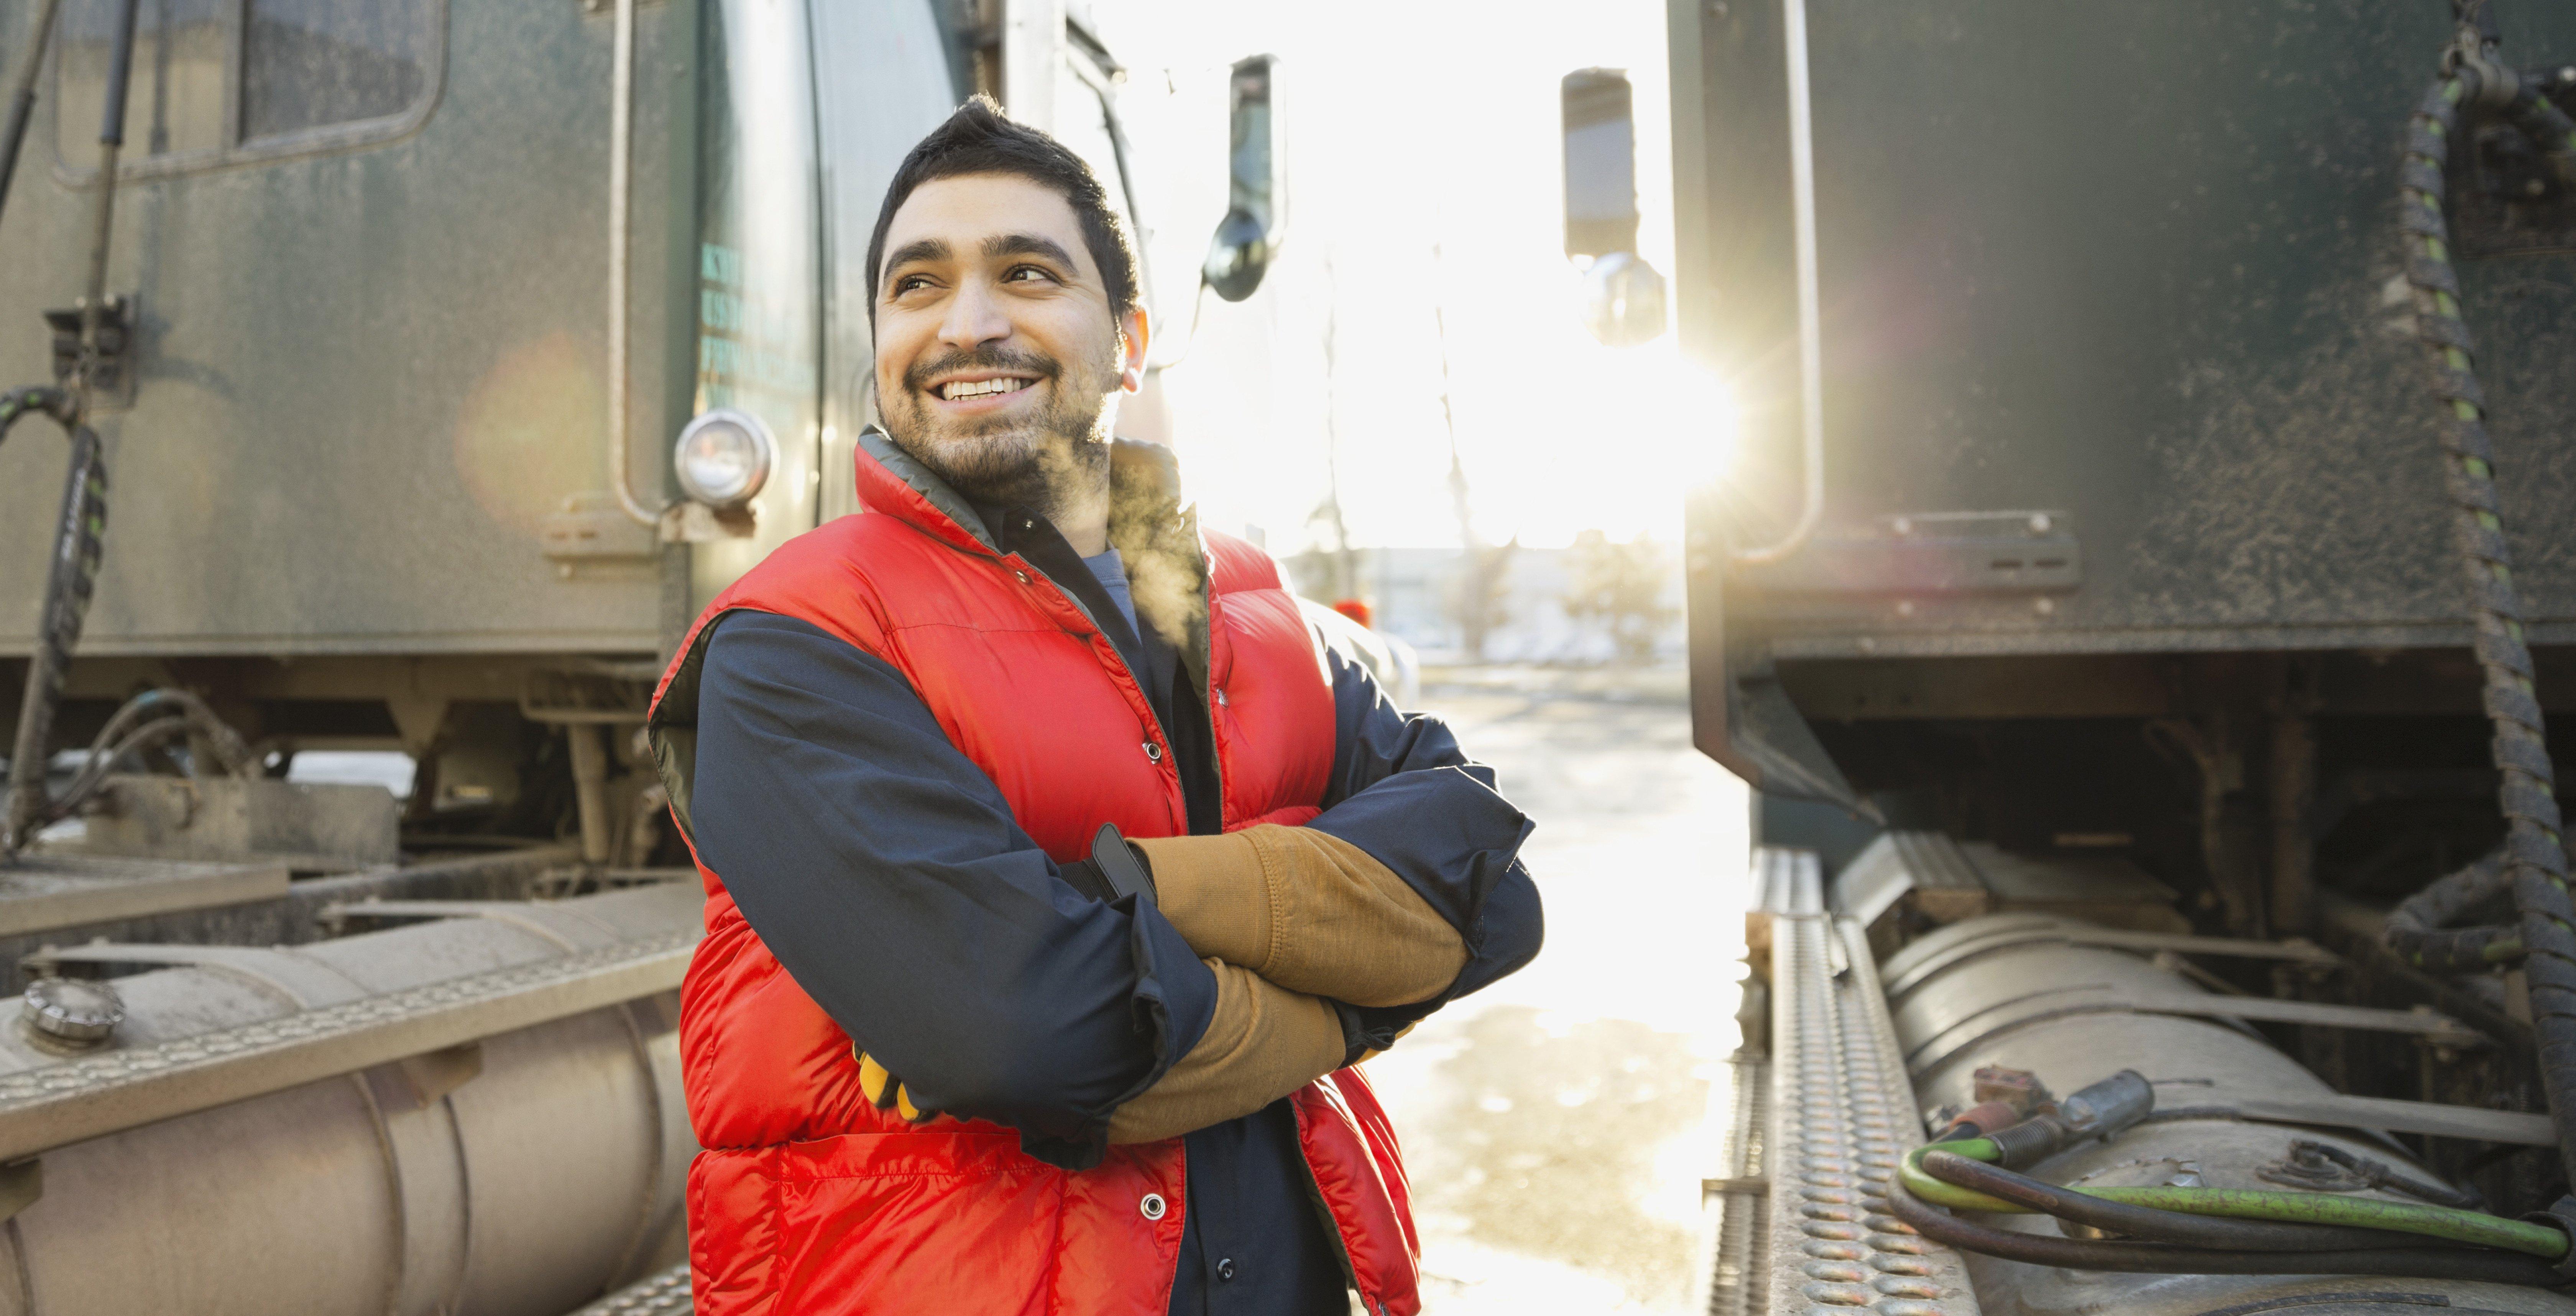 millennial-truck-driver-jpeg